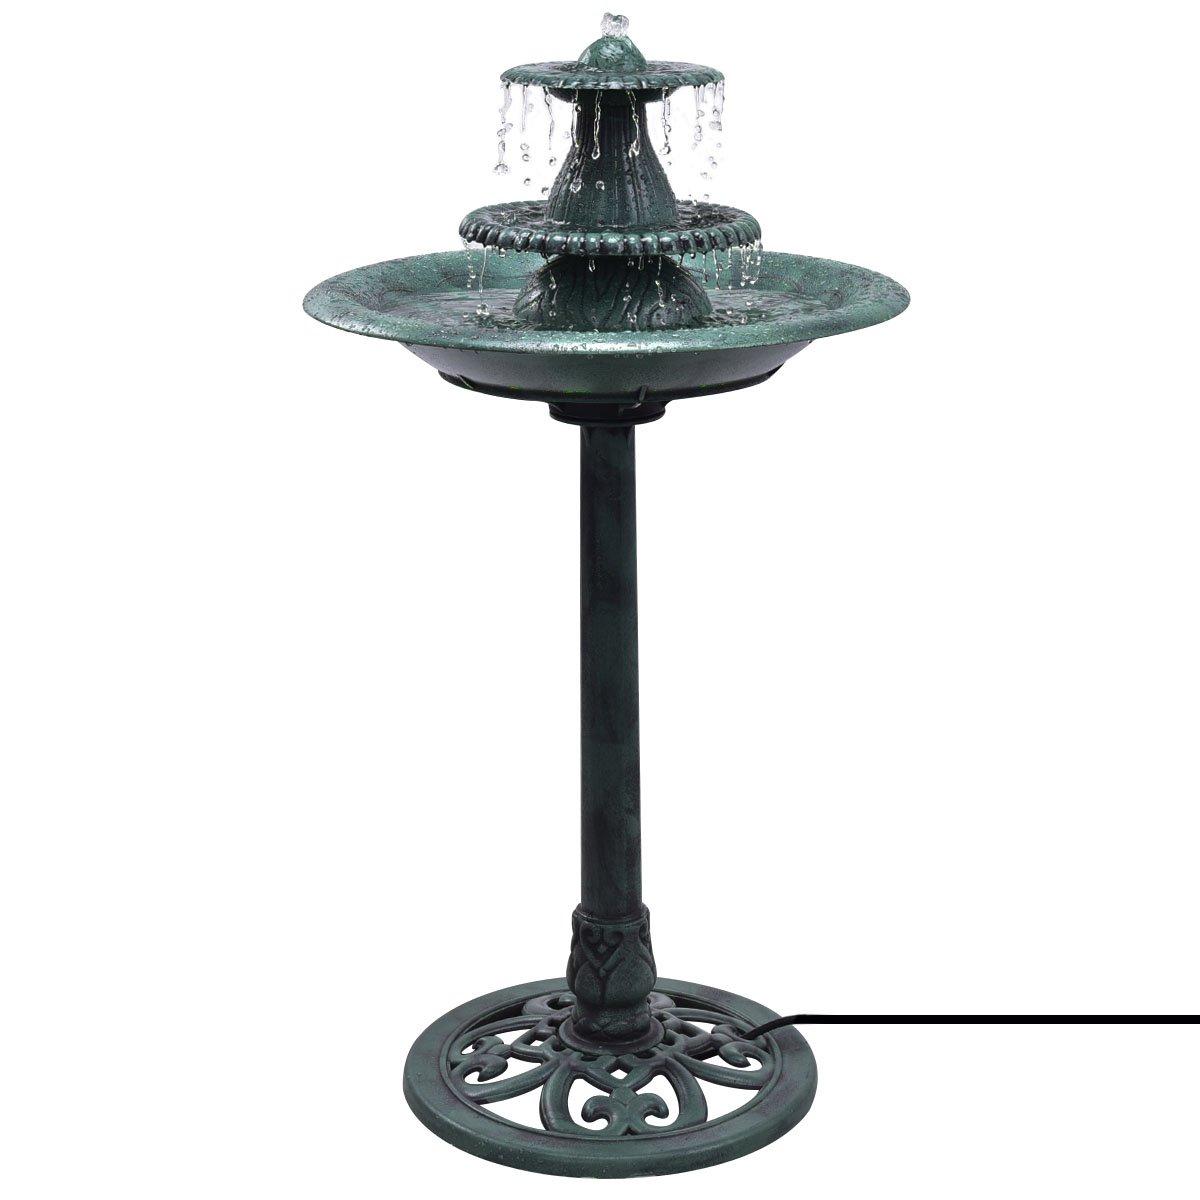 Giantex 3 Tier Fountain Garden Outdoor Decor Pedestal Bird Bath Water Fountain W/Pump by Giantex